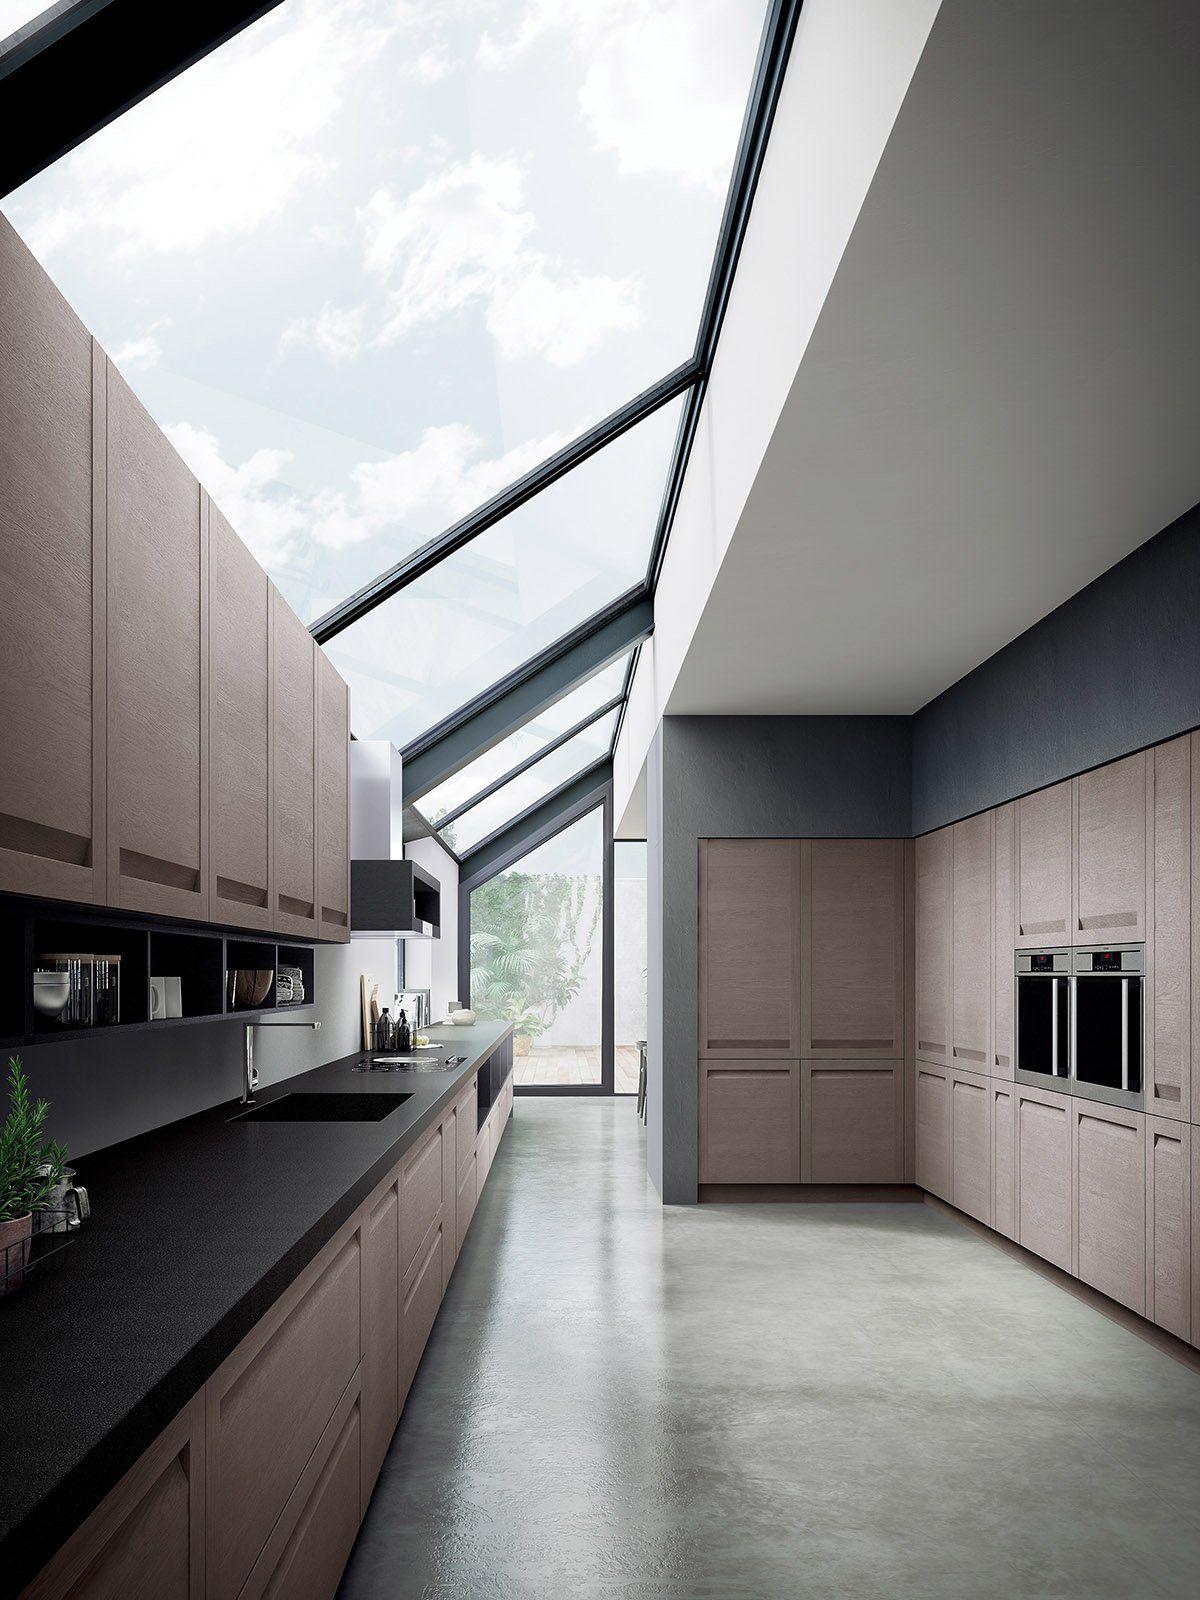 Treviso kitchen design collection gd arredamenti for Arredamenti treviso